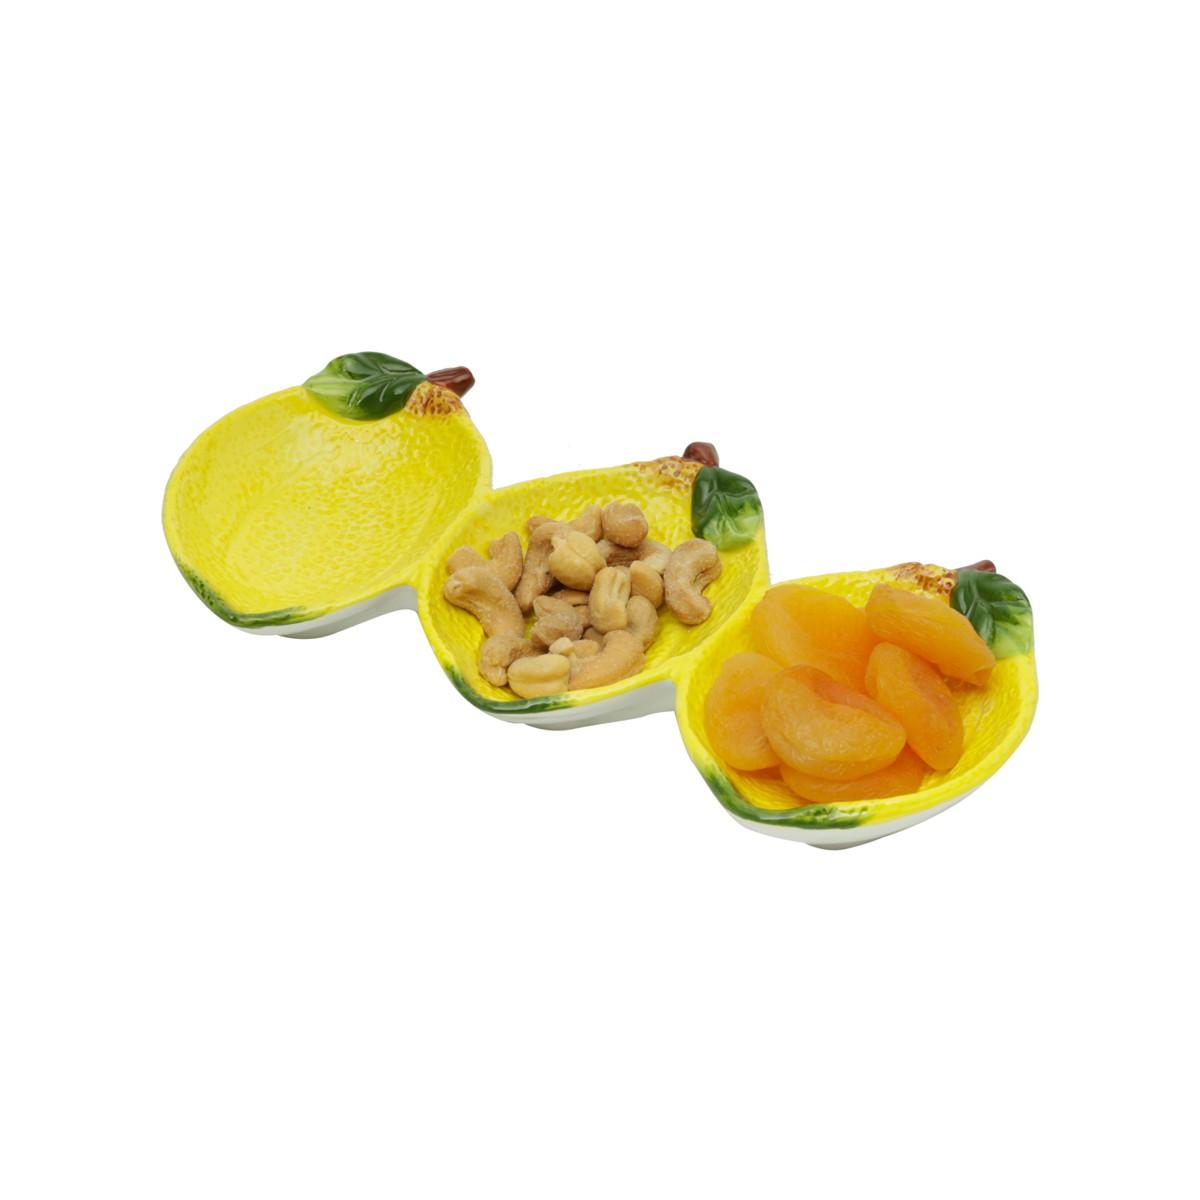 Petisqueira de Cerâmica Tripla Lemons 26x11 Código 26747 Embalagem Anti Impacto